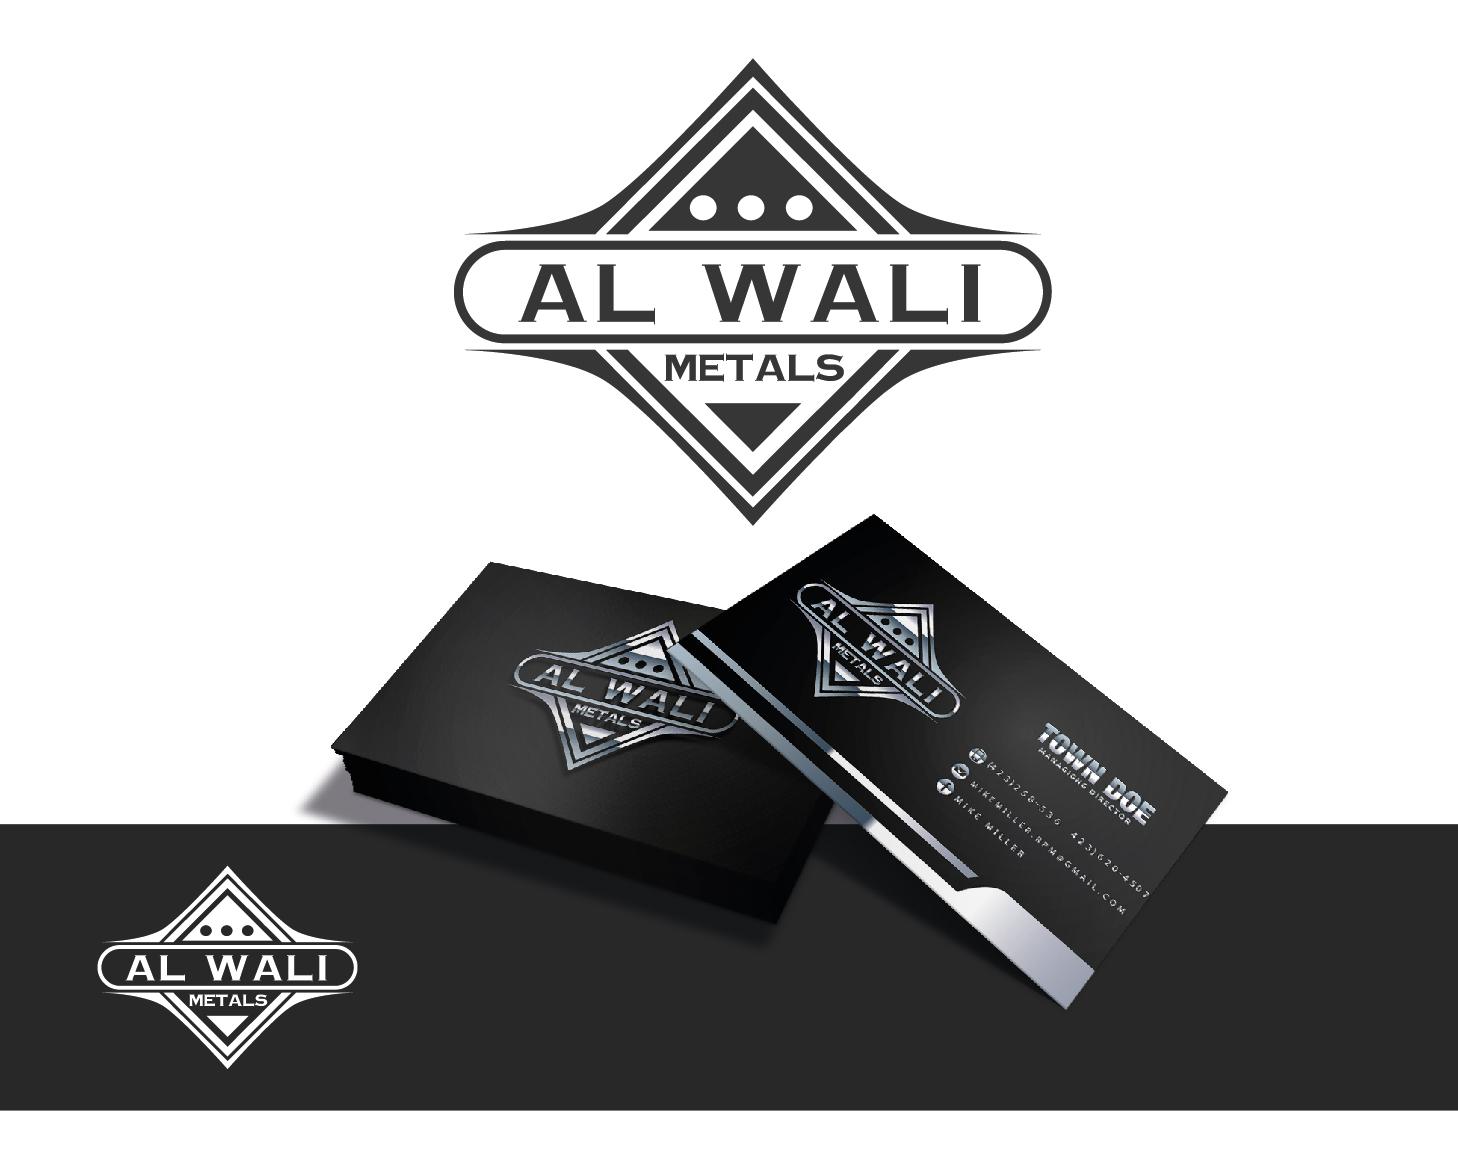 Logo Design by VENTSISLAV KOVACHEV - Entry No. 96 in the Logo Design Contest Inspiring Logo Design for Al Wali Metals.